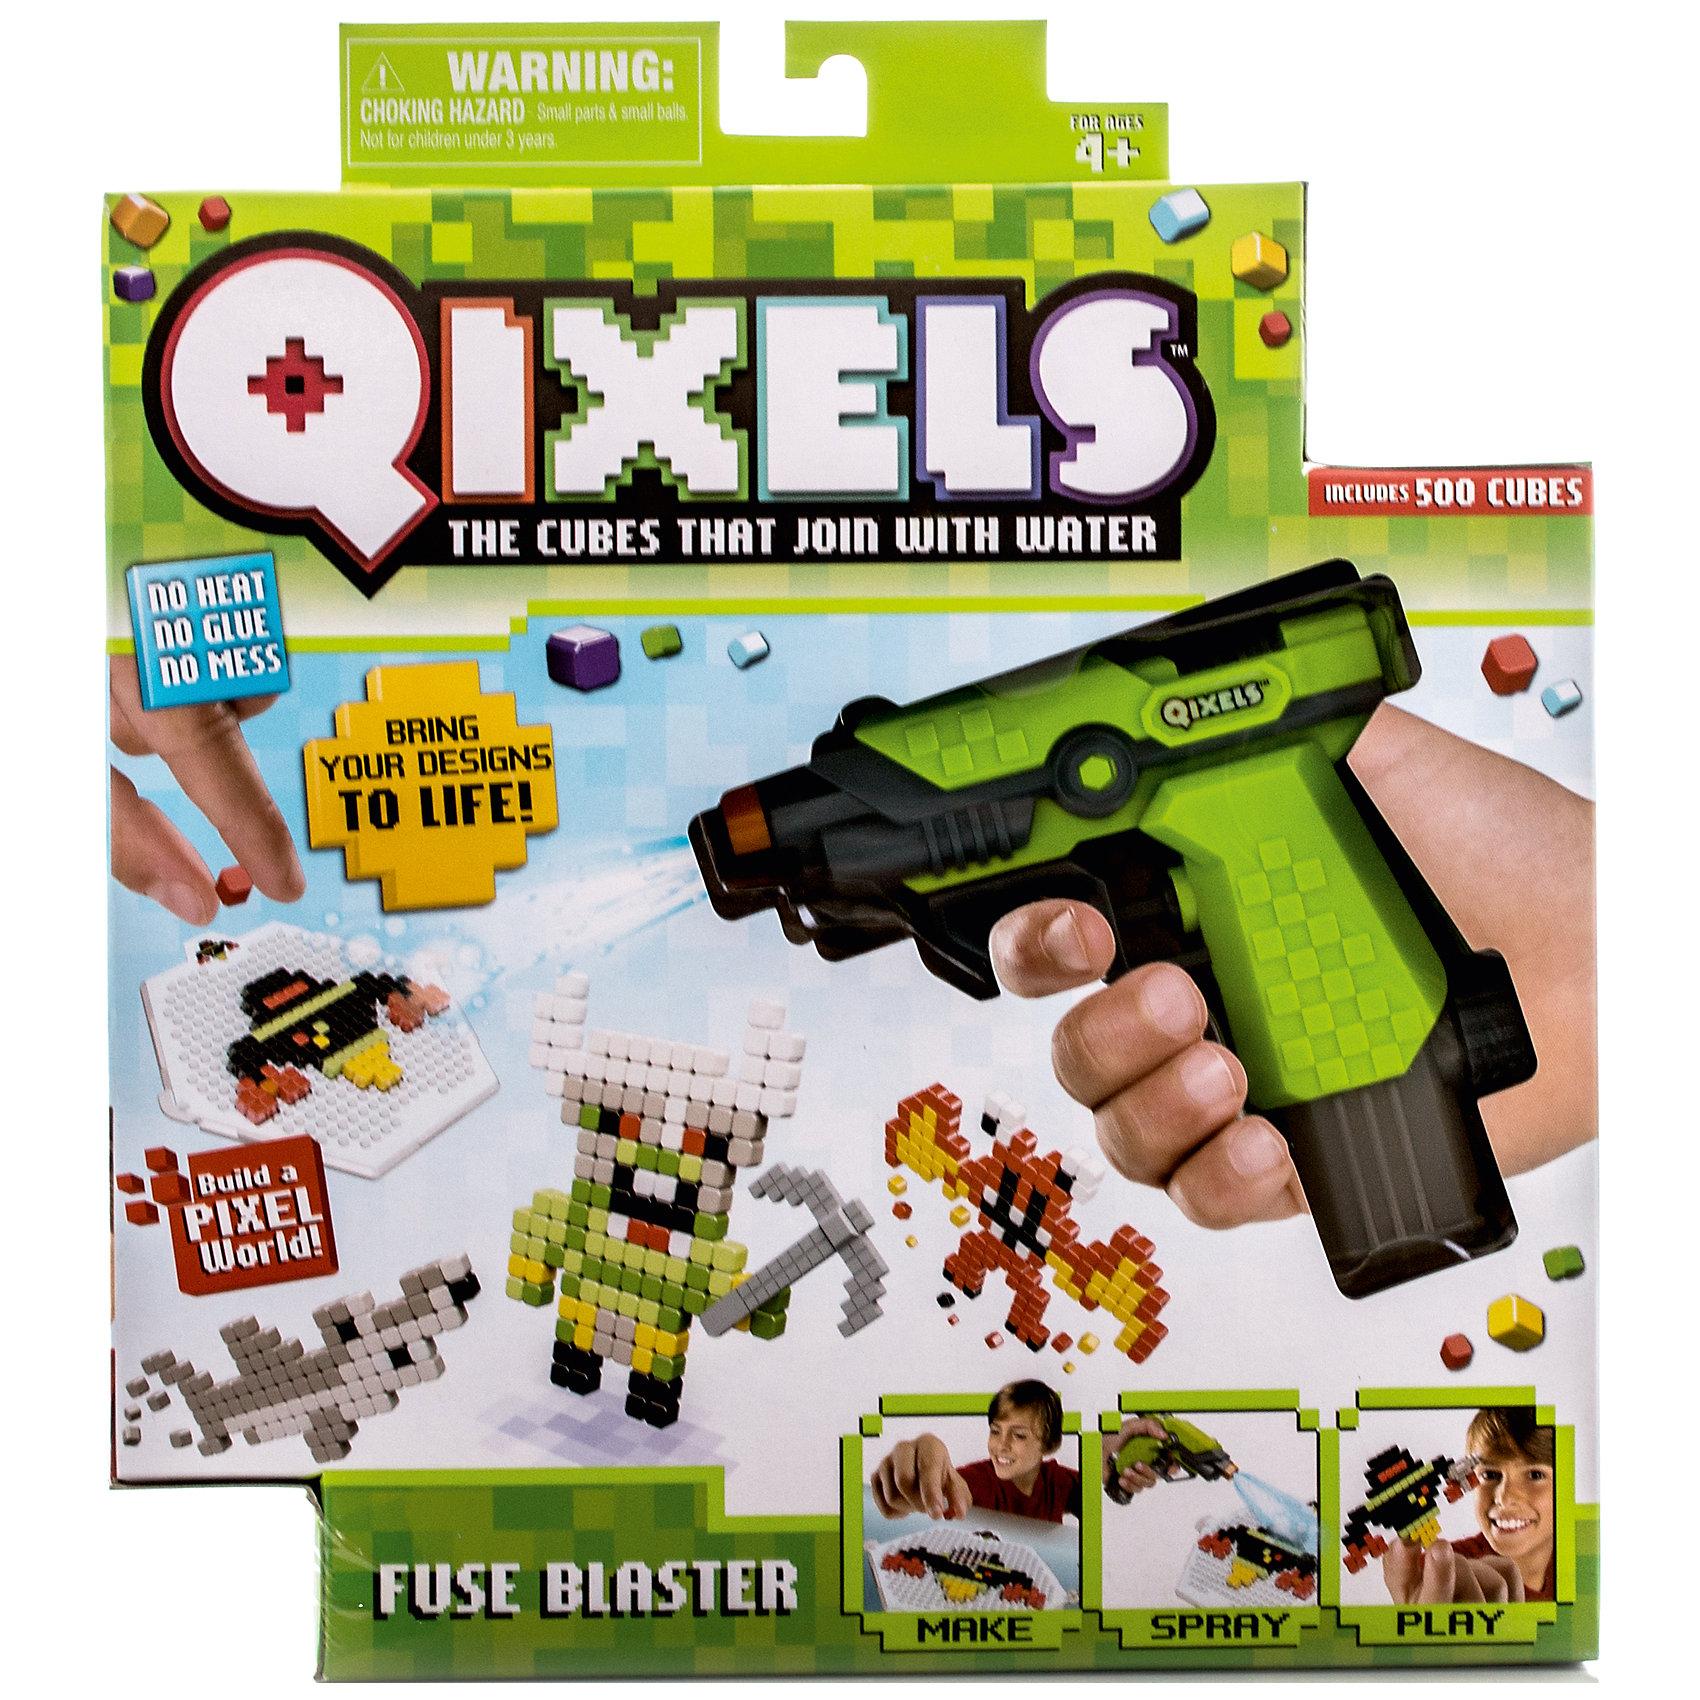 Набор для творчества Qixels Водяной бластерНаборы для хобби и творчества Qixels (Квикселс) – это совершенно новый подход к детскому творчеству. Юным дизайнерам предстоит собирать двухмерные фигурки из разноцветных кубиков, а затем скреплять с помощью самой обыкновенной воды. Через 30 минут фигурка застынет и с ней можно будет играть как с обычной игрушкой. Игровой набор подойдет как для мальчиков, так и для девочек. Вы можете использовать готовые лекала, входящие в комплект набора и создавать забавные фигурки монстриков, либо фантазировать на свободные темы!<br>В упаковке с набором Вы найдете:<br>1 x Водяной бластер<br>500 x кубиков<br>2 x дизайн лоток<br>4 x дизайн лекала<br>2 x опоры<br>2 x базы<br>2 x аксессуара<br>1 x емкость для кубиков<br>1 x инструкция.<br><br>Ширина мм: 55<br>Глубина мм: 290<br>Высота мм: 260<br>Вес г: 426<br>Возраст от месяцев: 72<br>Возраст до месяцев: 180<br>Пол: Унисекс<br>Возраст: Детский<br>SKU: 5032645